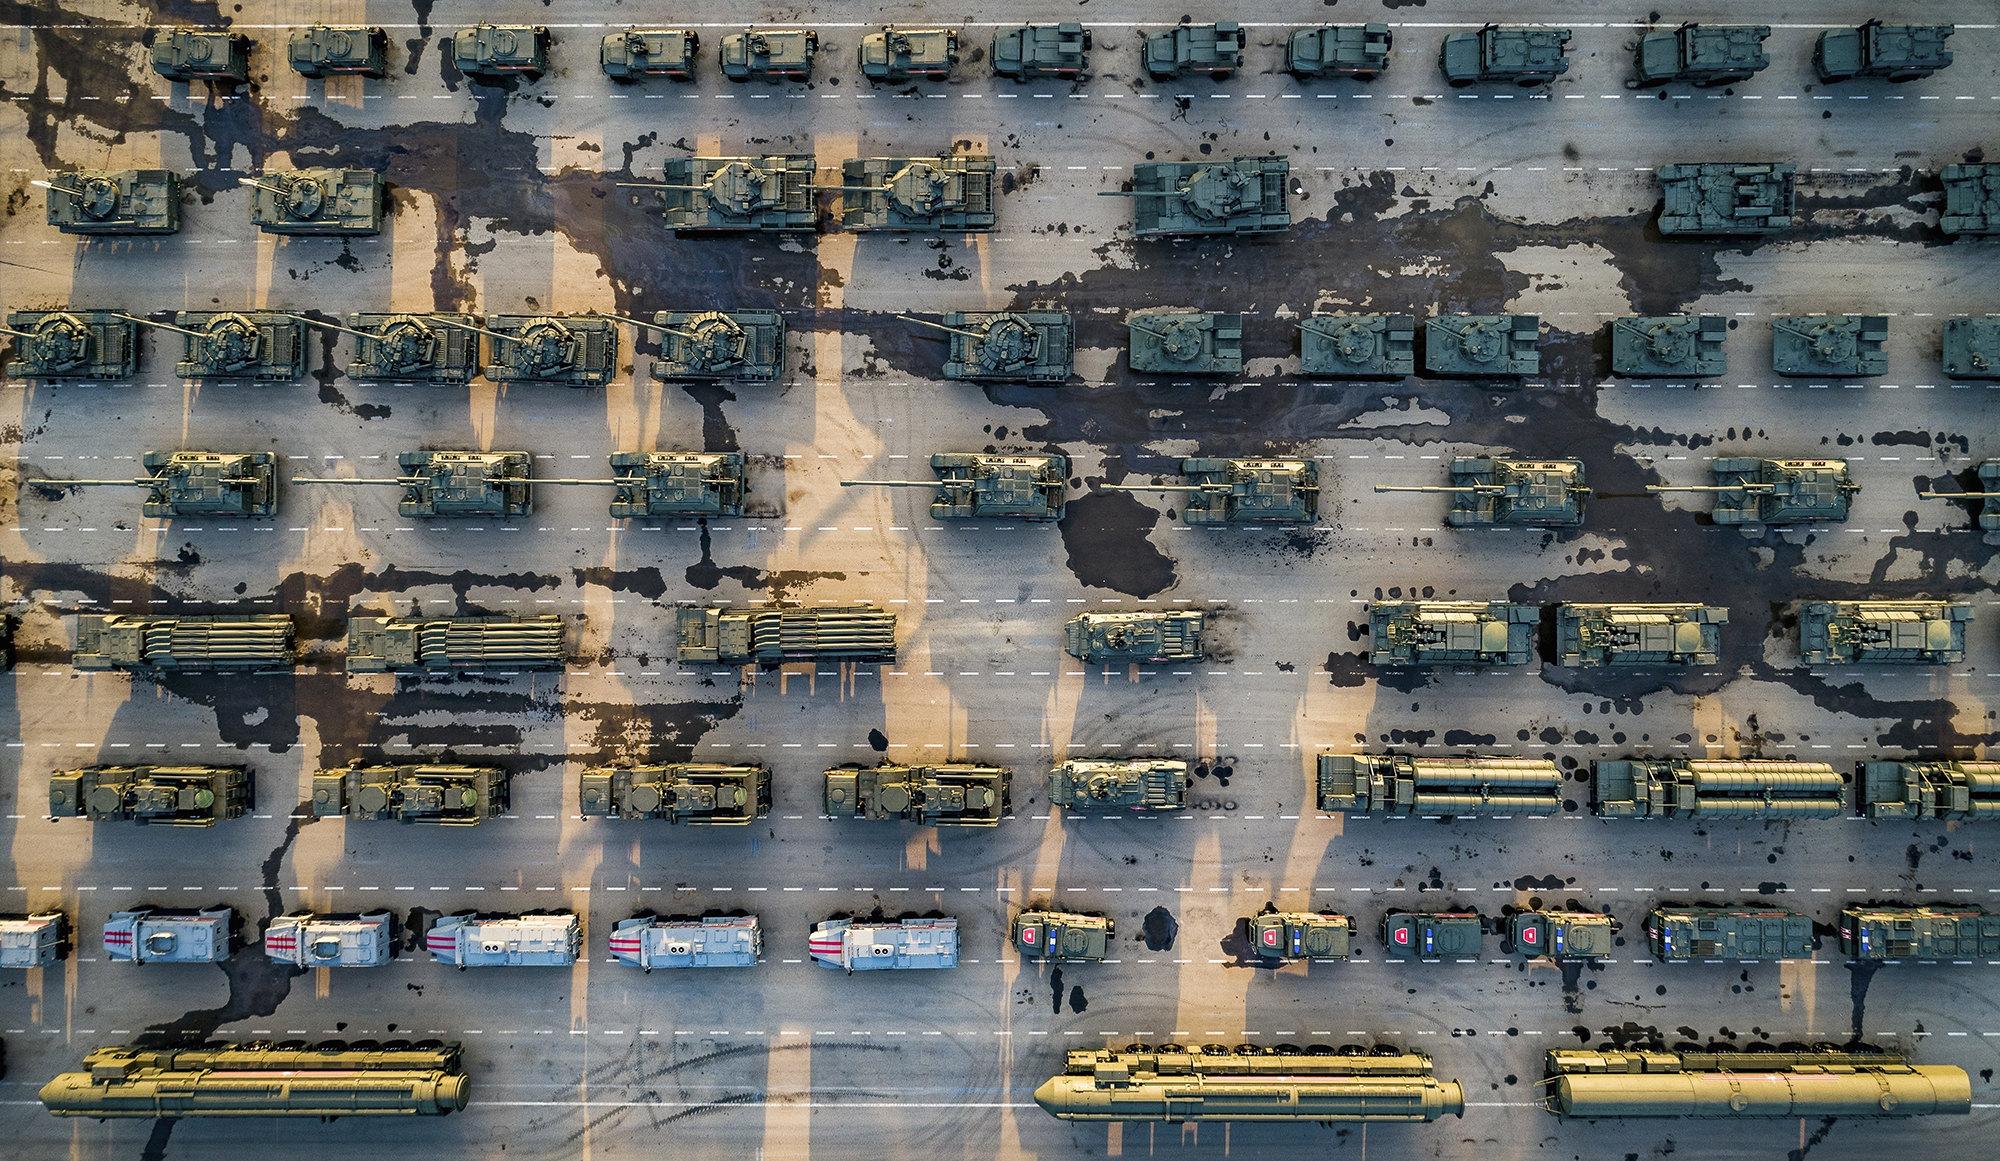 Припаркованная военная техника, которую использовали во время парада вДень Победы, посвященный 74-й годовщине победы во Второй мировой войне вМоскве. 6 мая 2019 года.